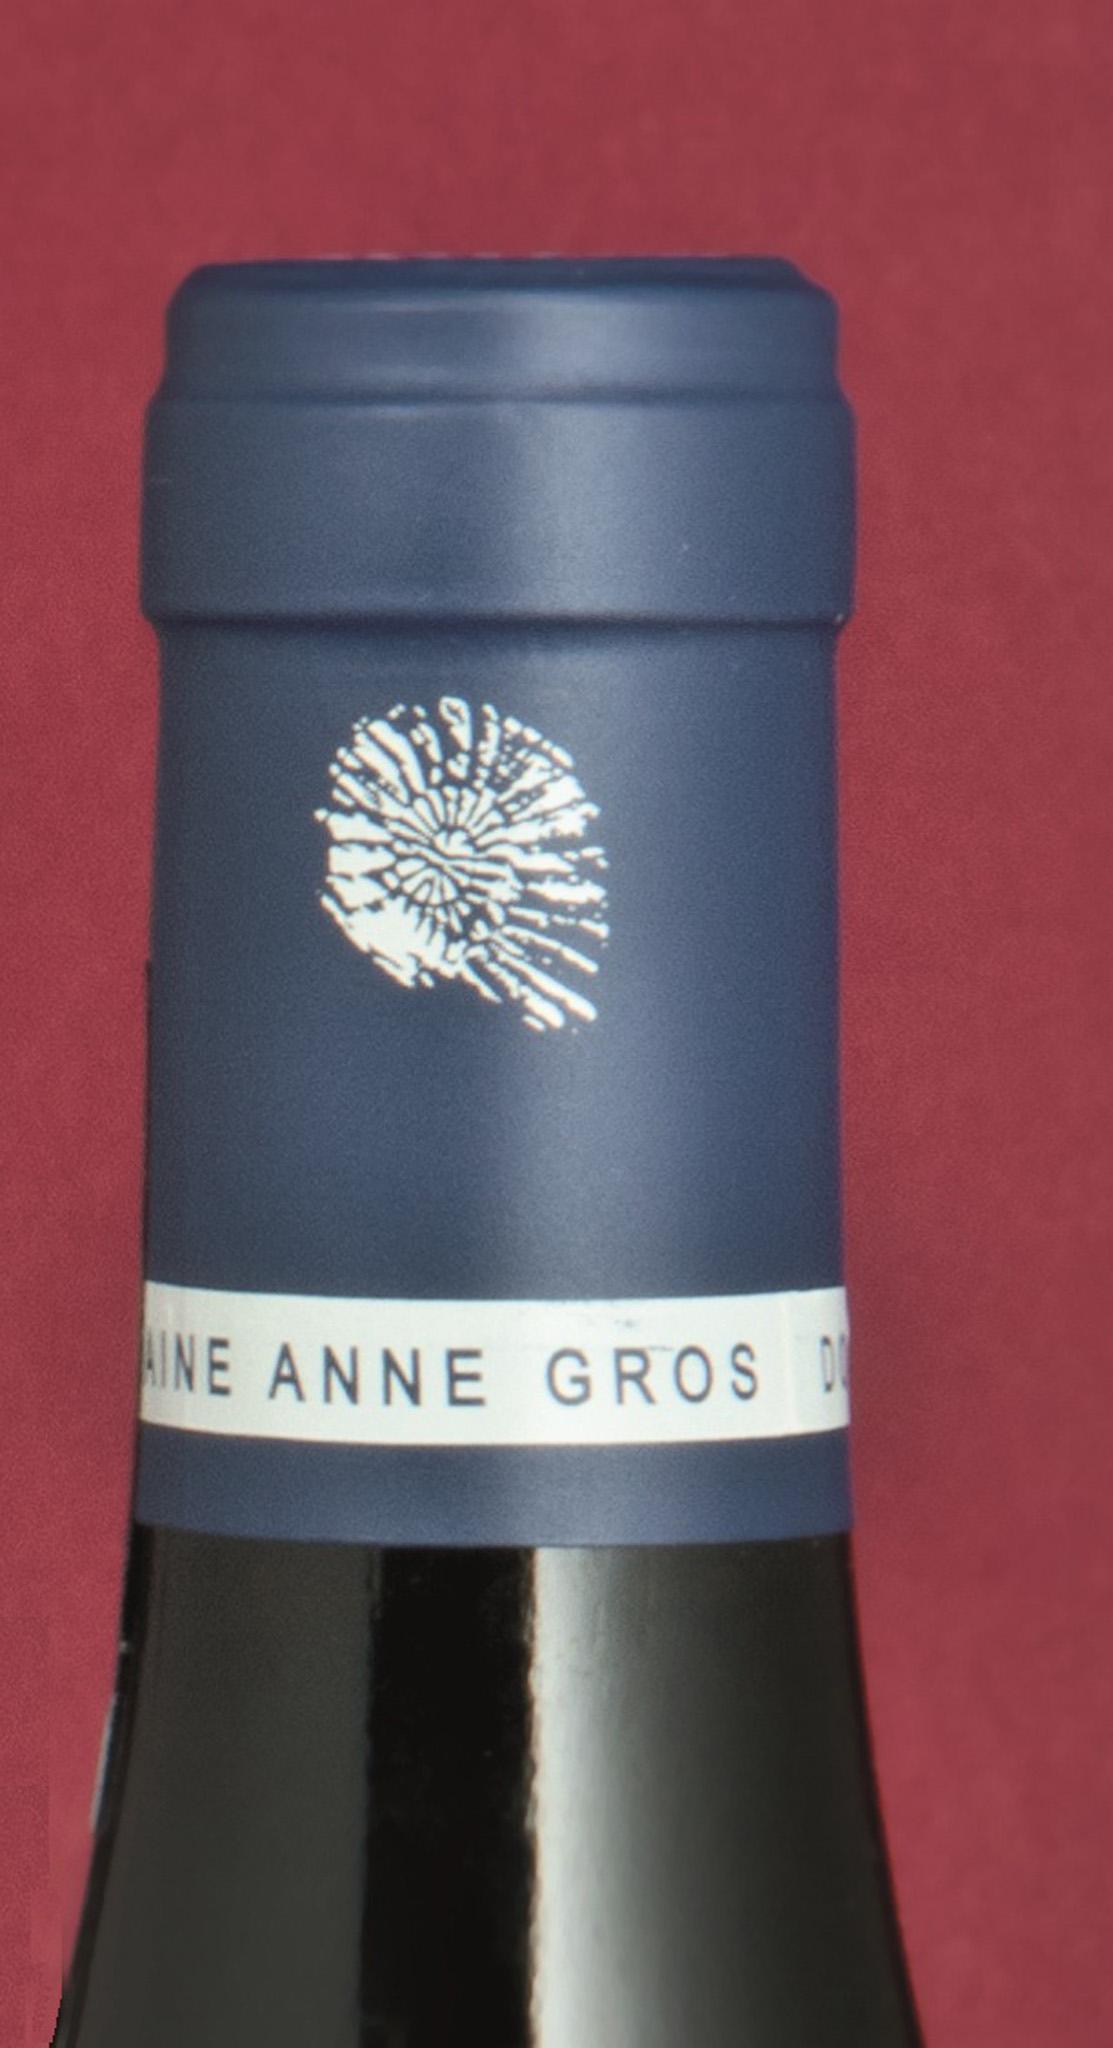 Anne Gros Richebourg 2002